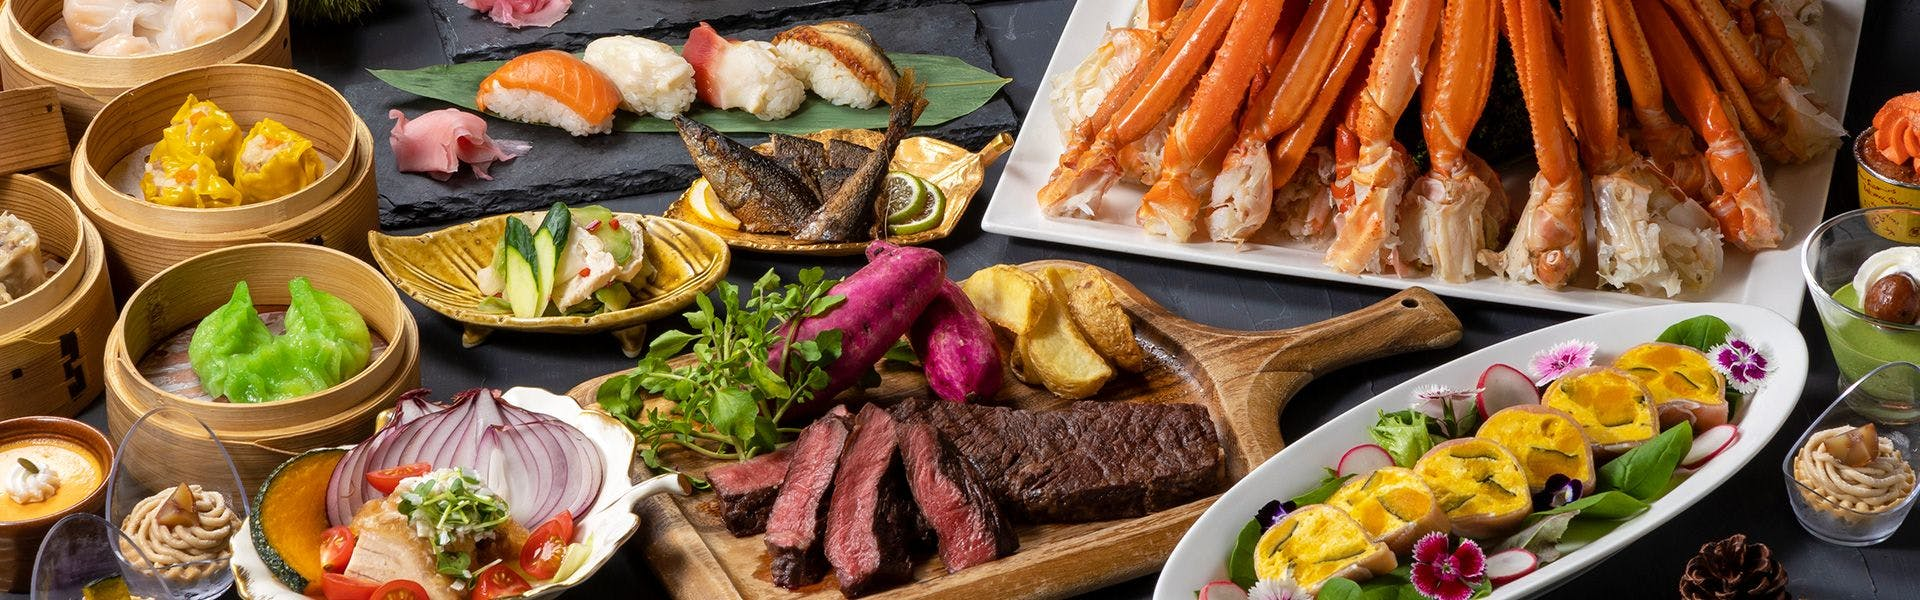 蟹ステーキ寿司ビュッフェ一例